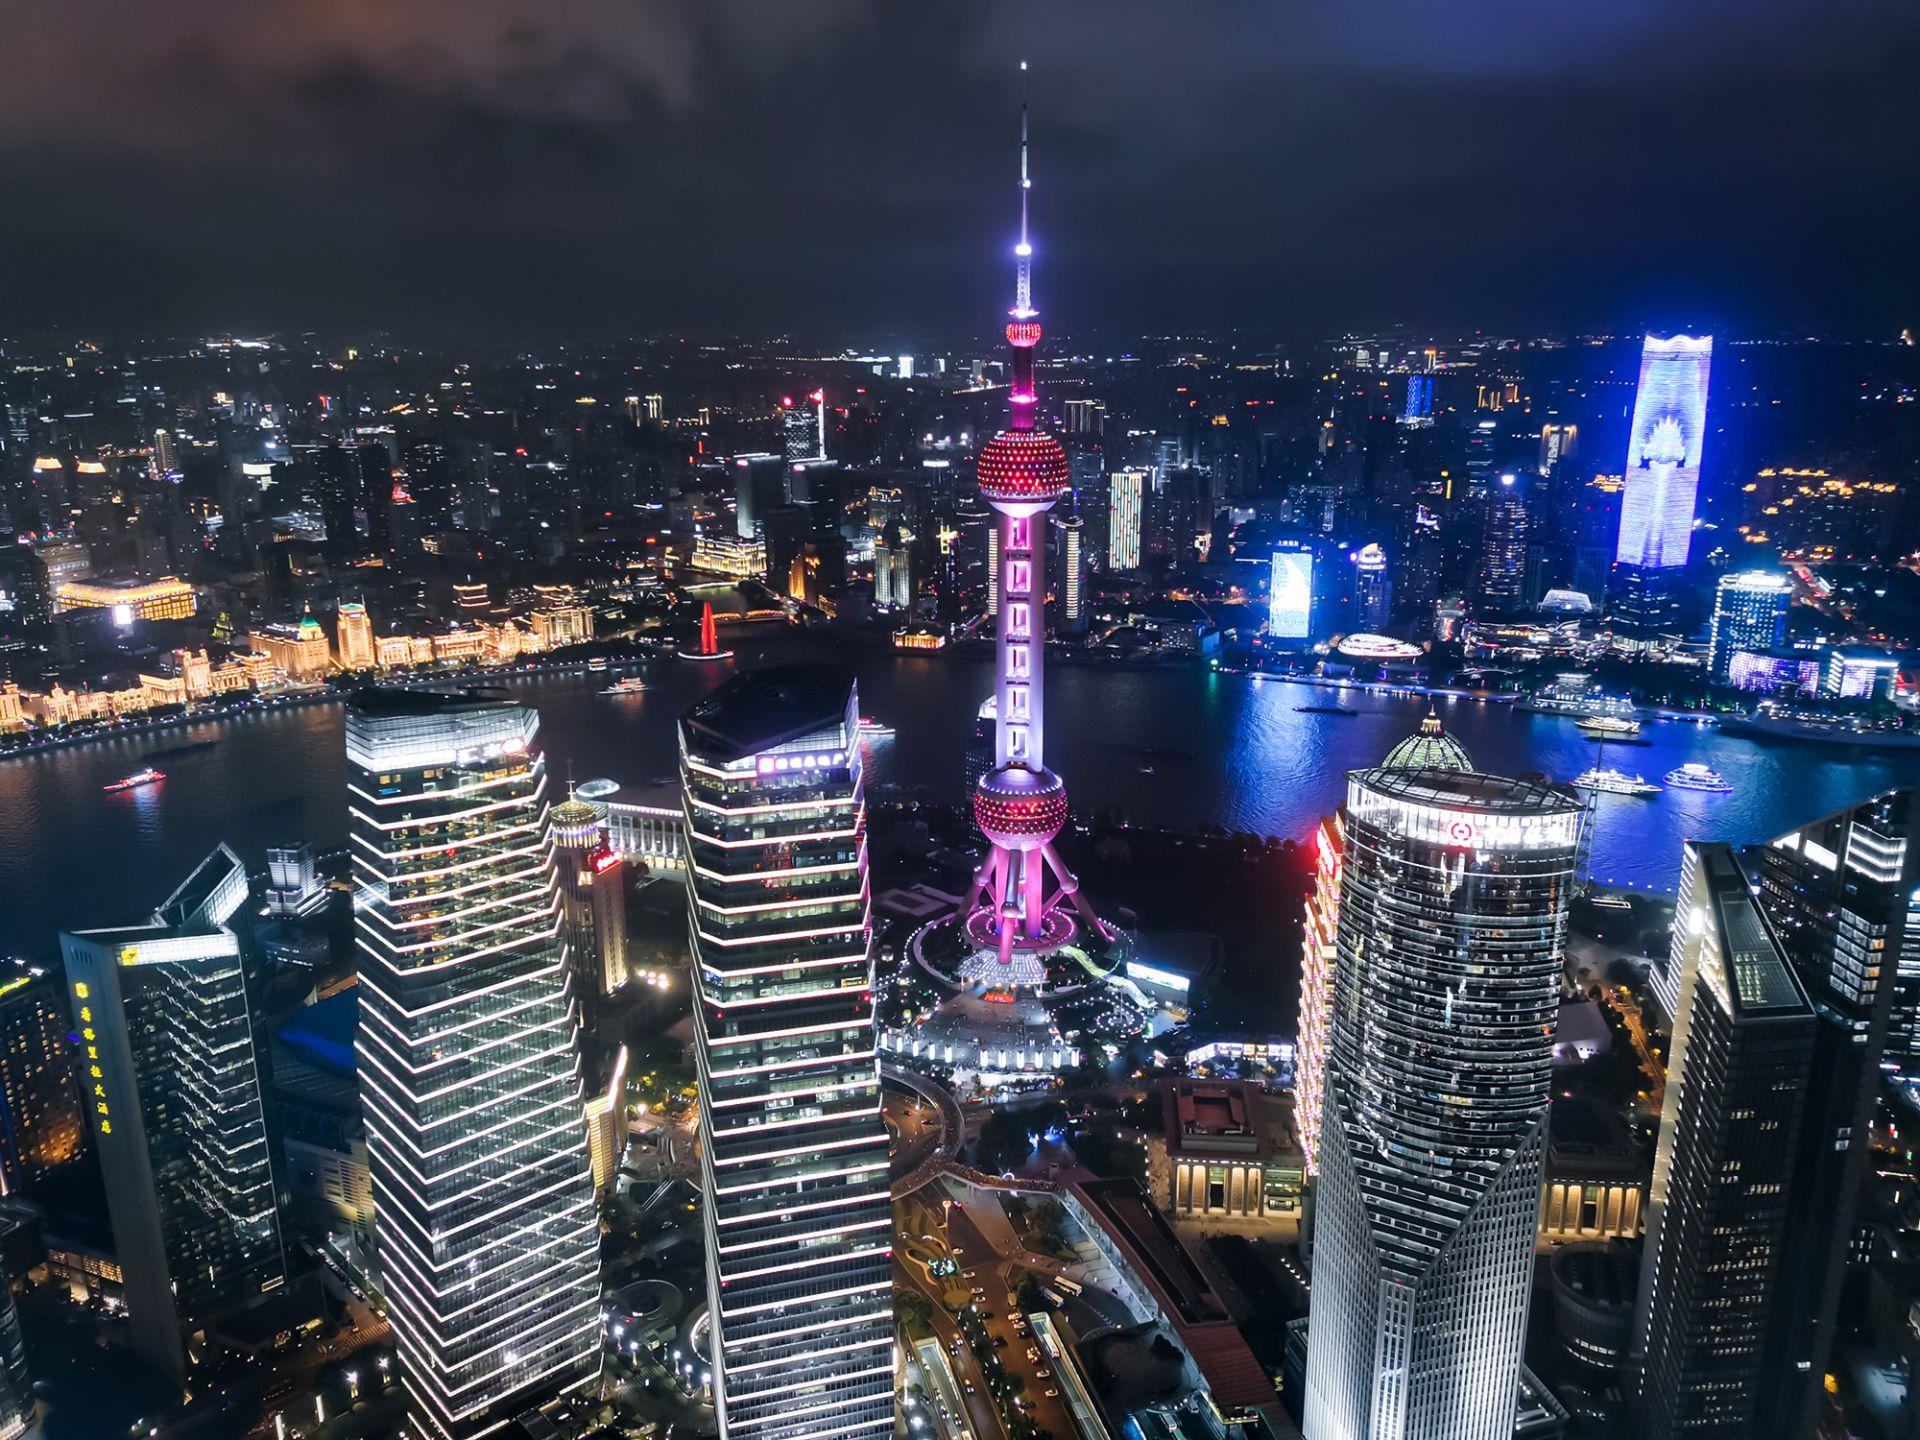 Нощна снимка, направена с Huawei Mate 30 Pro